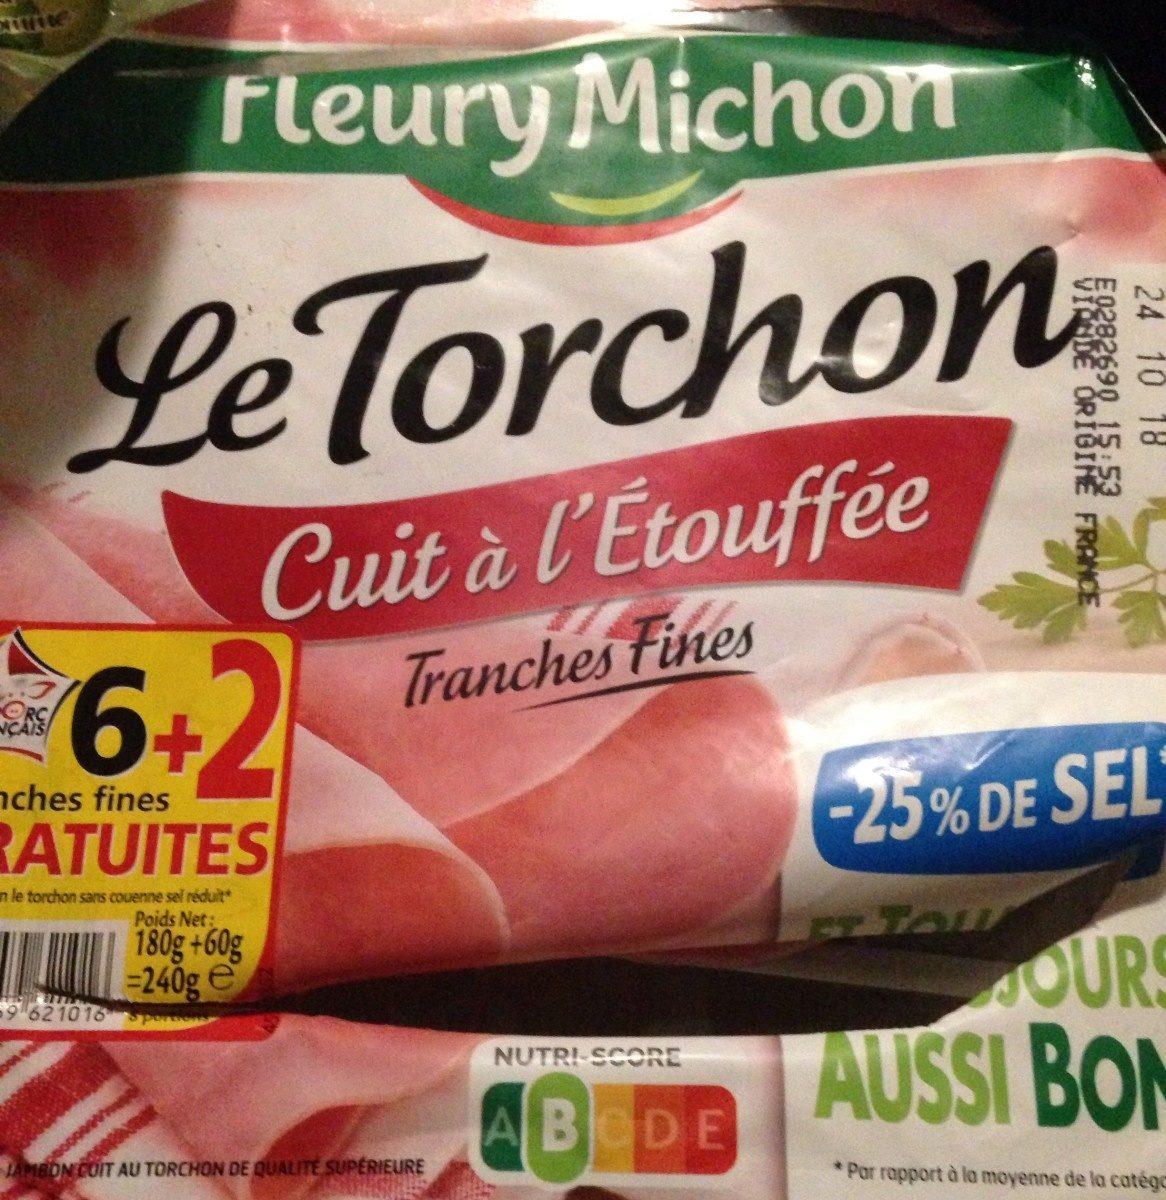 Le torchon, cuit à l'etouffee, -25% de sel - Product